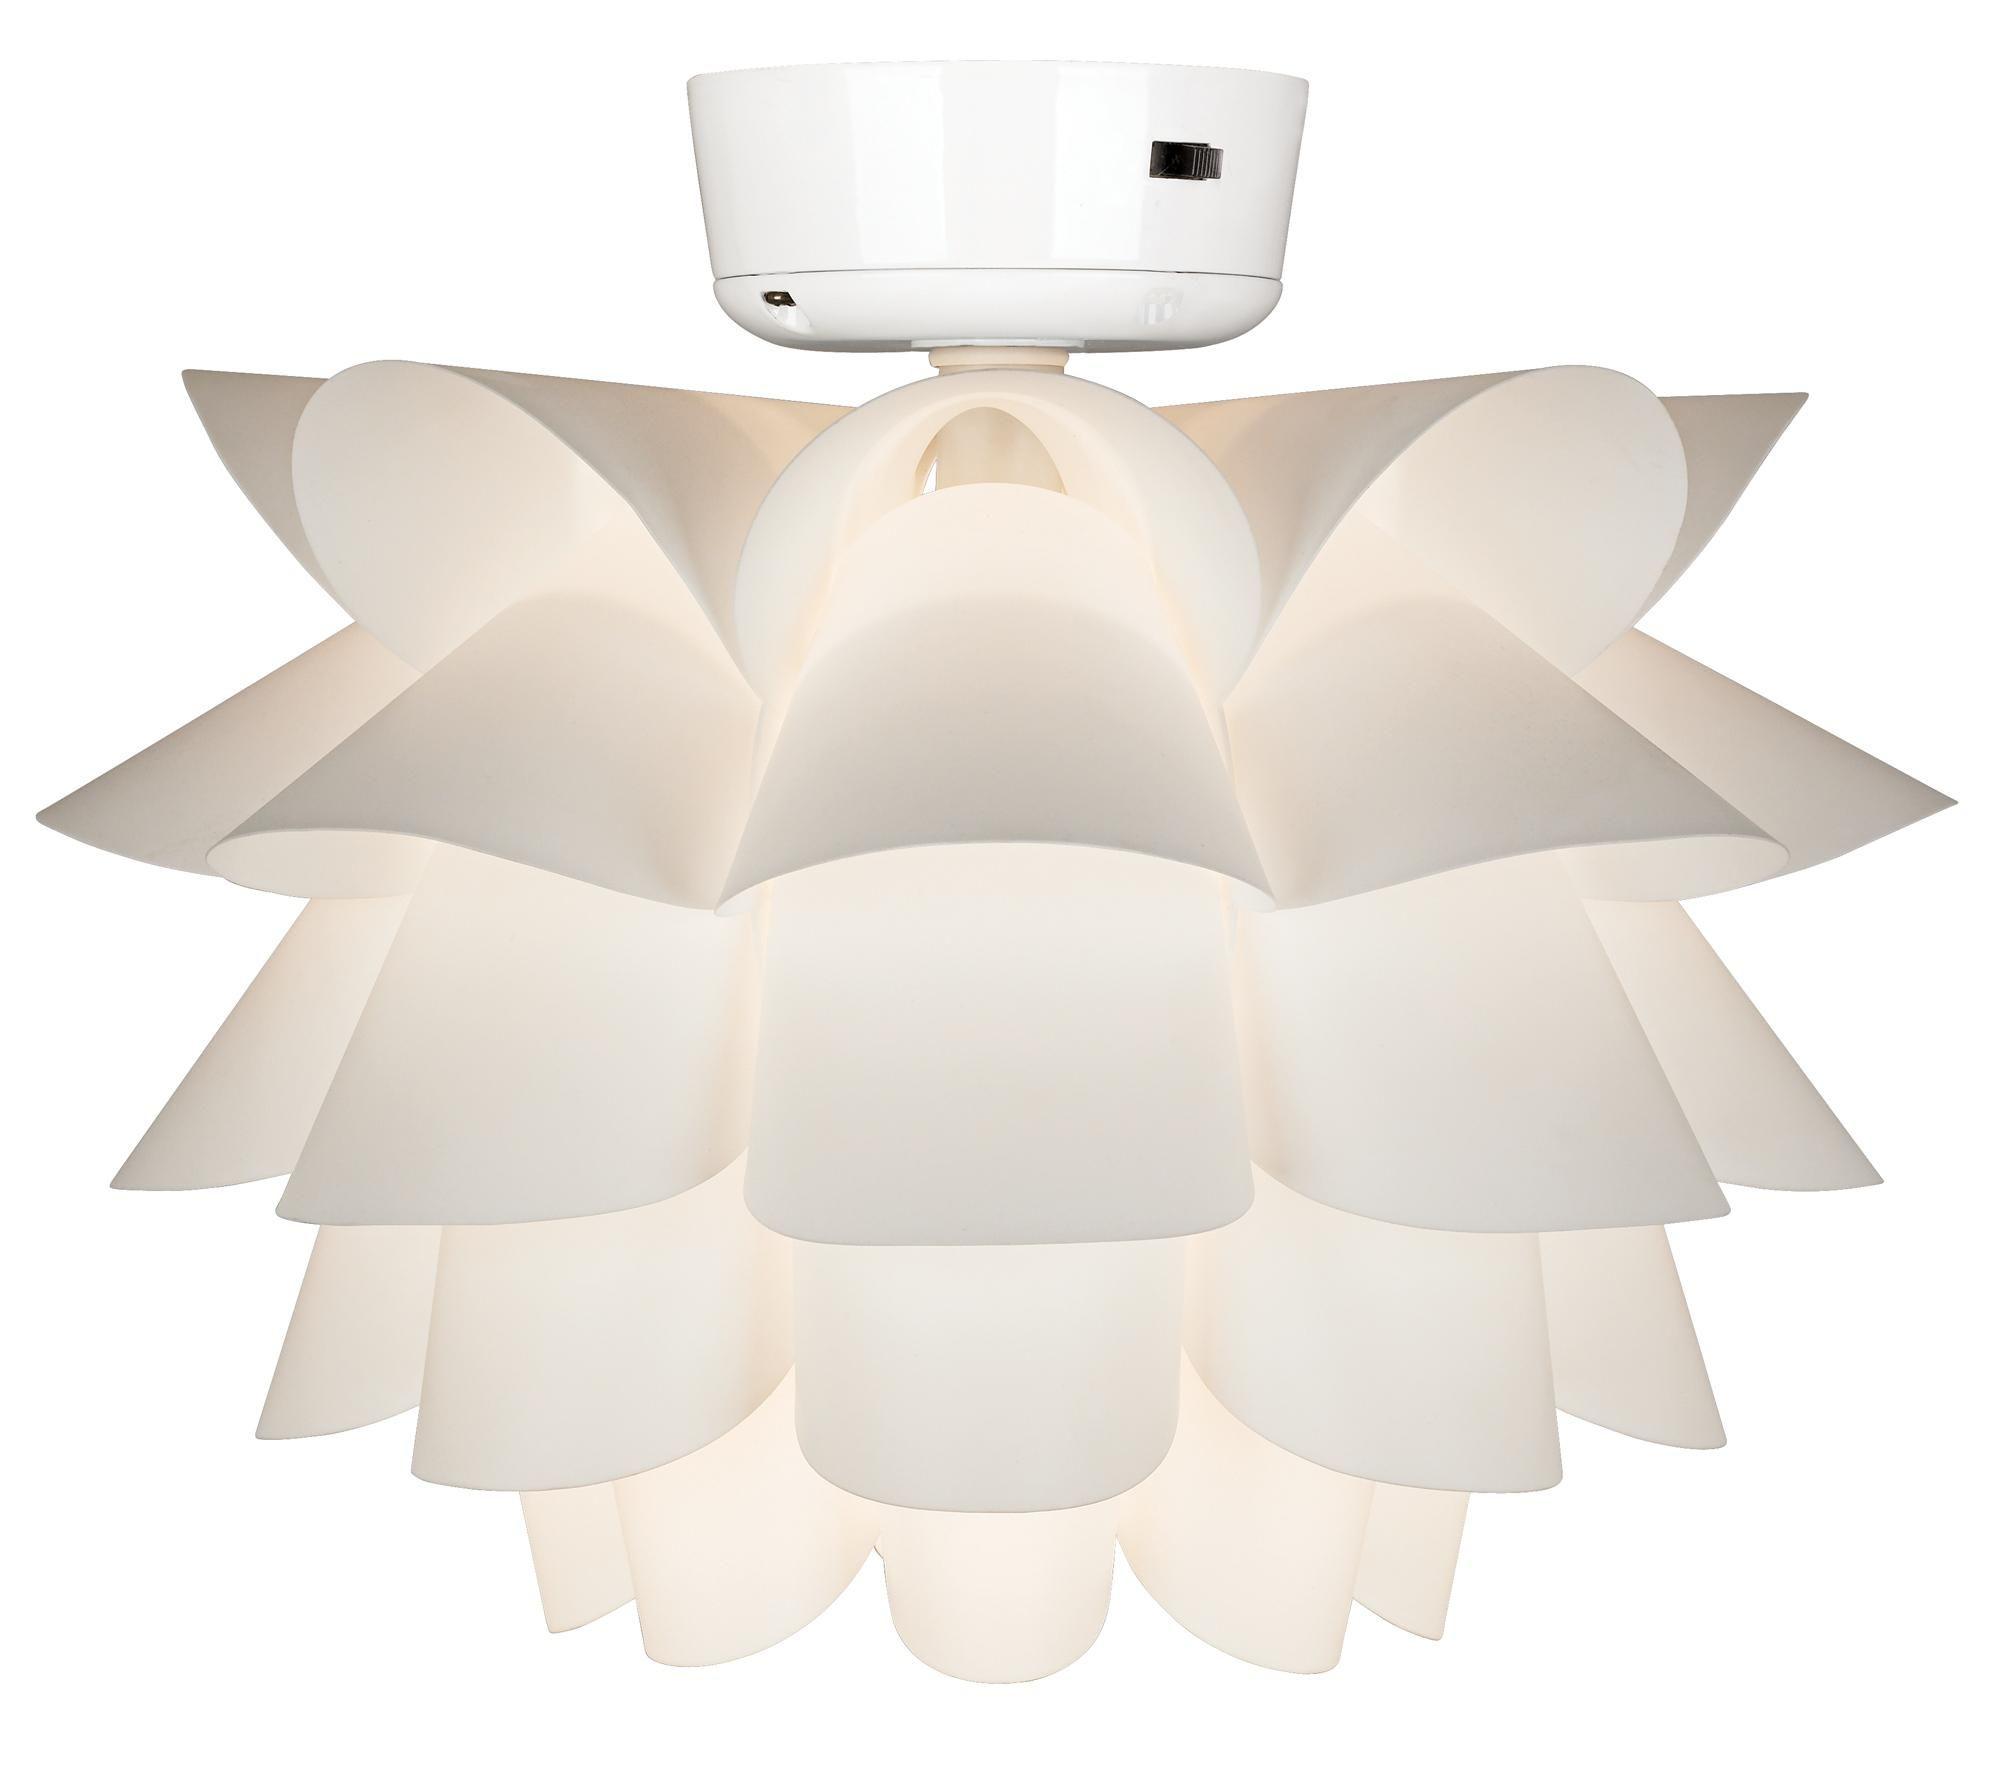 White Flower Ceiling Fan Light Kit For The Home Pinterest Fan